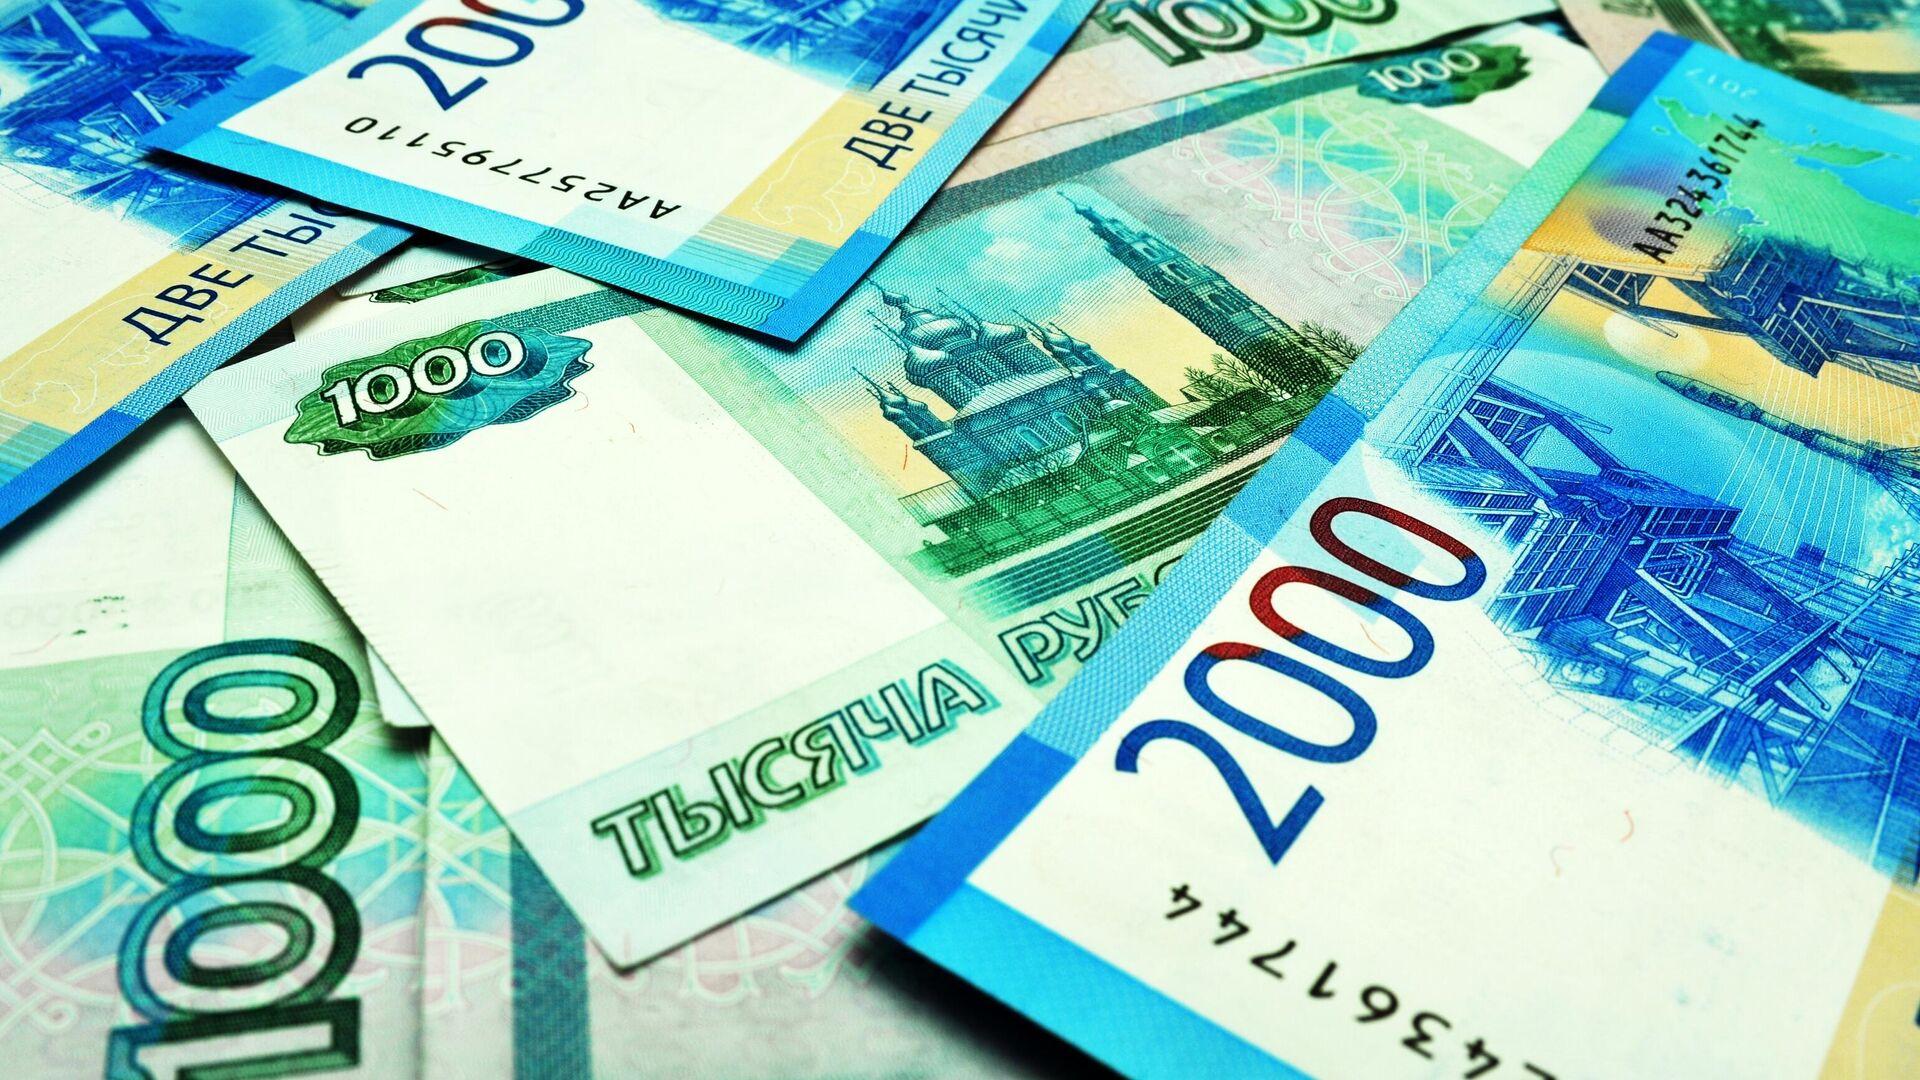 Эксперт посоветовал, куда вкладываться начинающим инвесторам